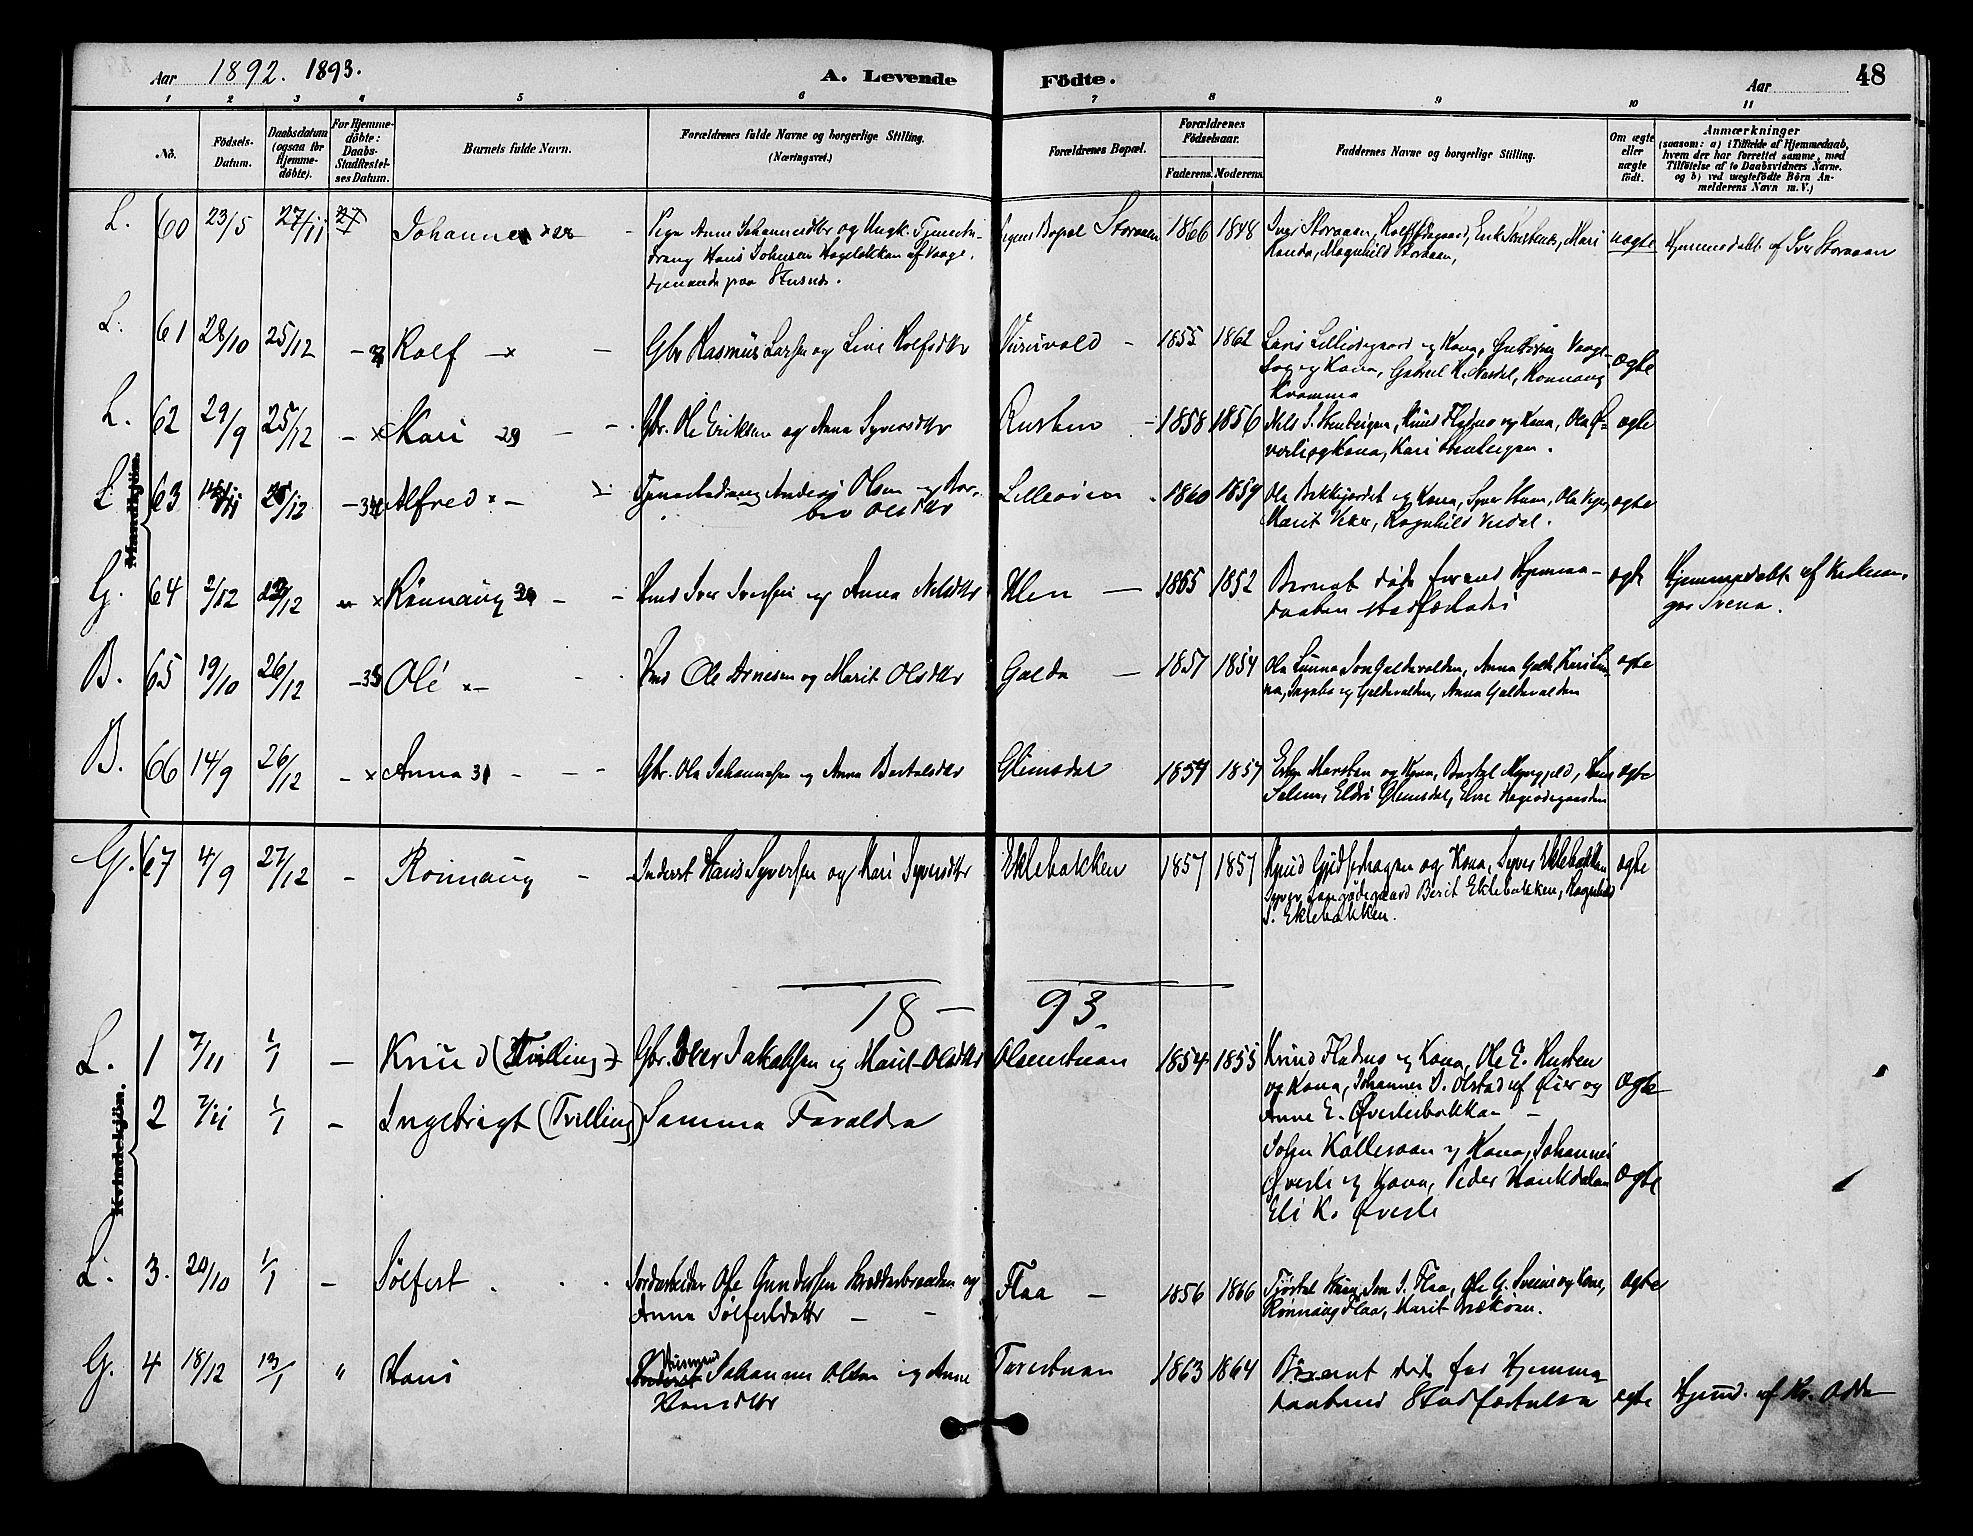 SAH, Lom prestekontor, K/L0008: Ministerialbok nr. 8, 1885-1898, s. 48